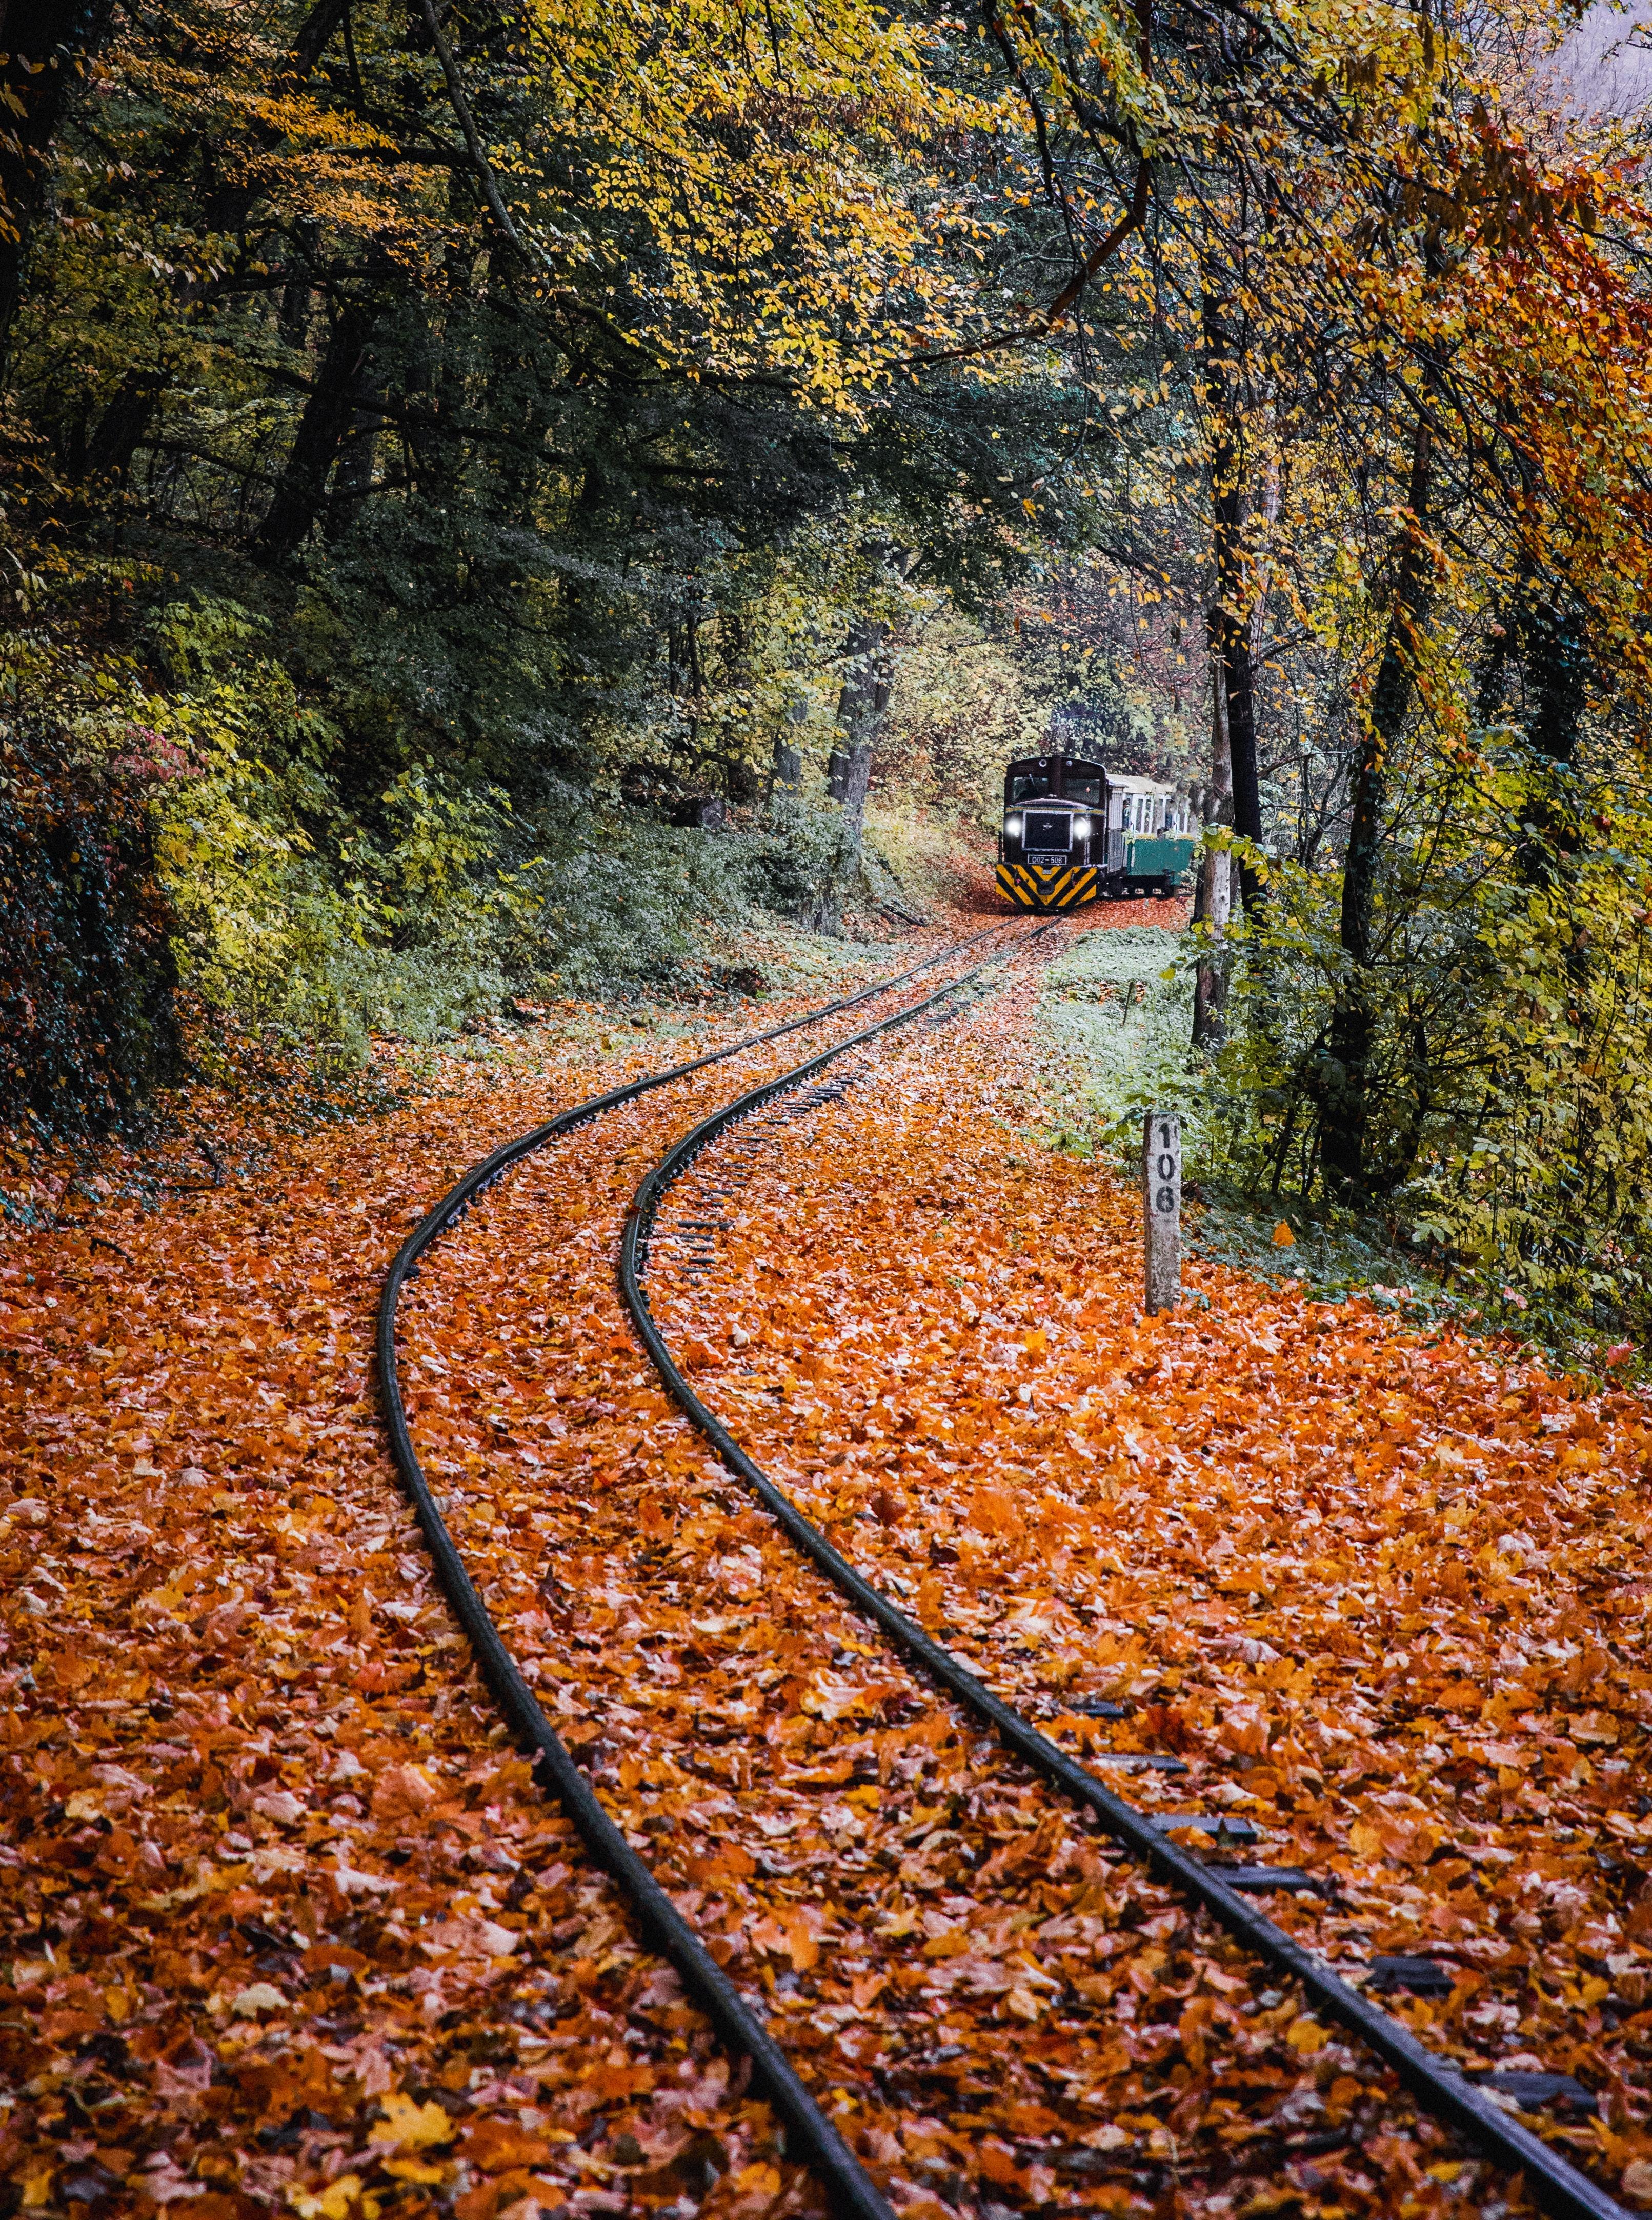 foto de Images Gratuites : Piste, feuille, la nature, l'automne, chemin ...